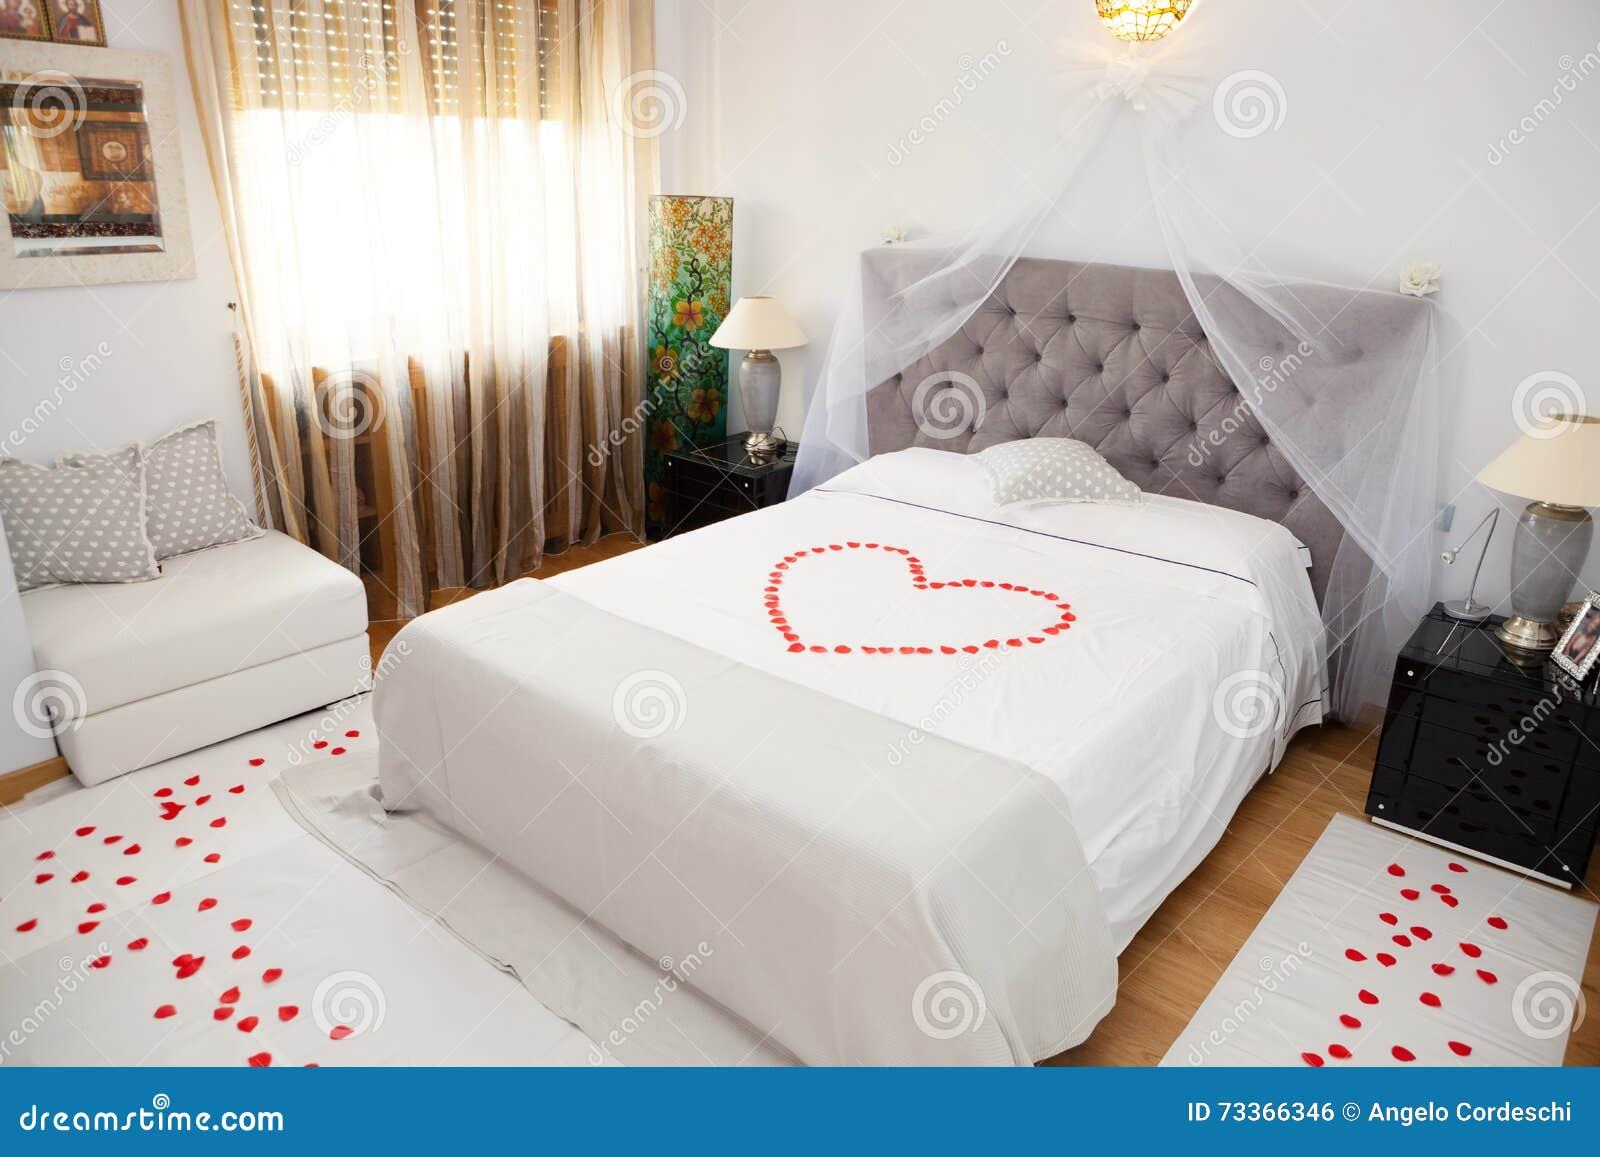 Camere Da Letto Romantiche Con Petali Di Rosa : Camera da letto nuziale fotografia stock. immagine di deluxe 73366346